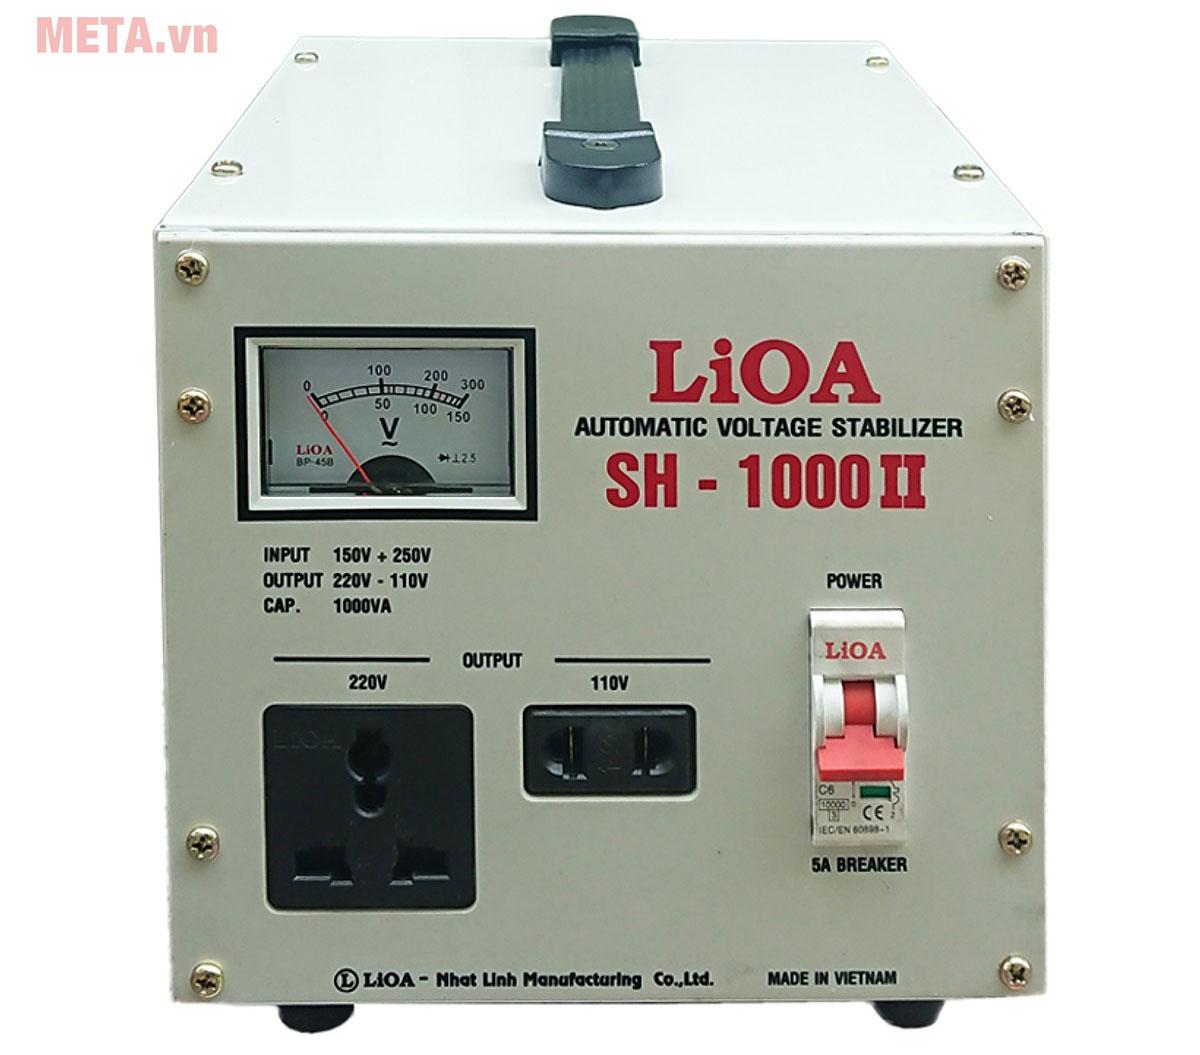 Lioa SH 1000 II